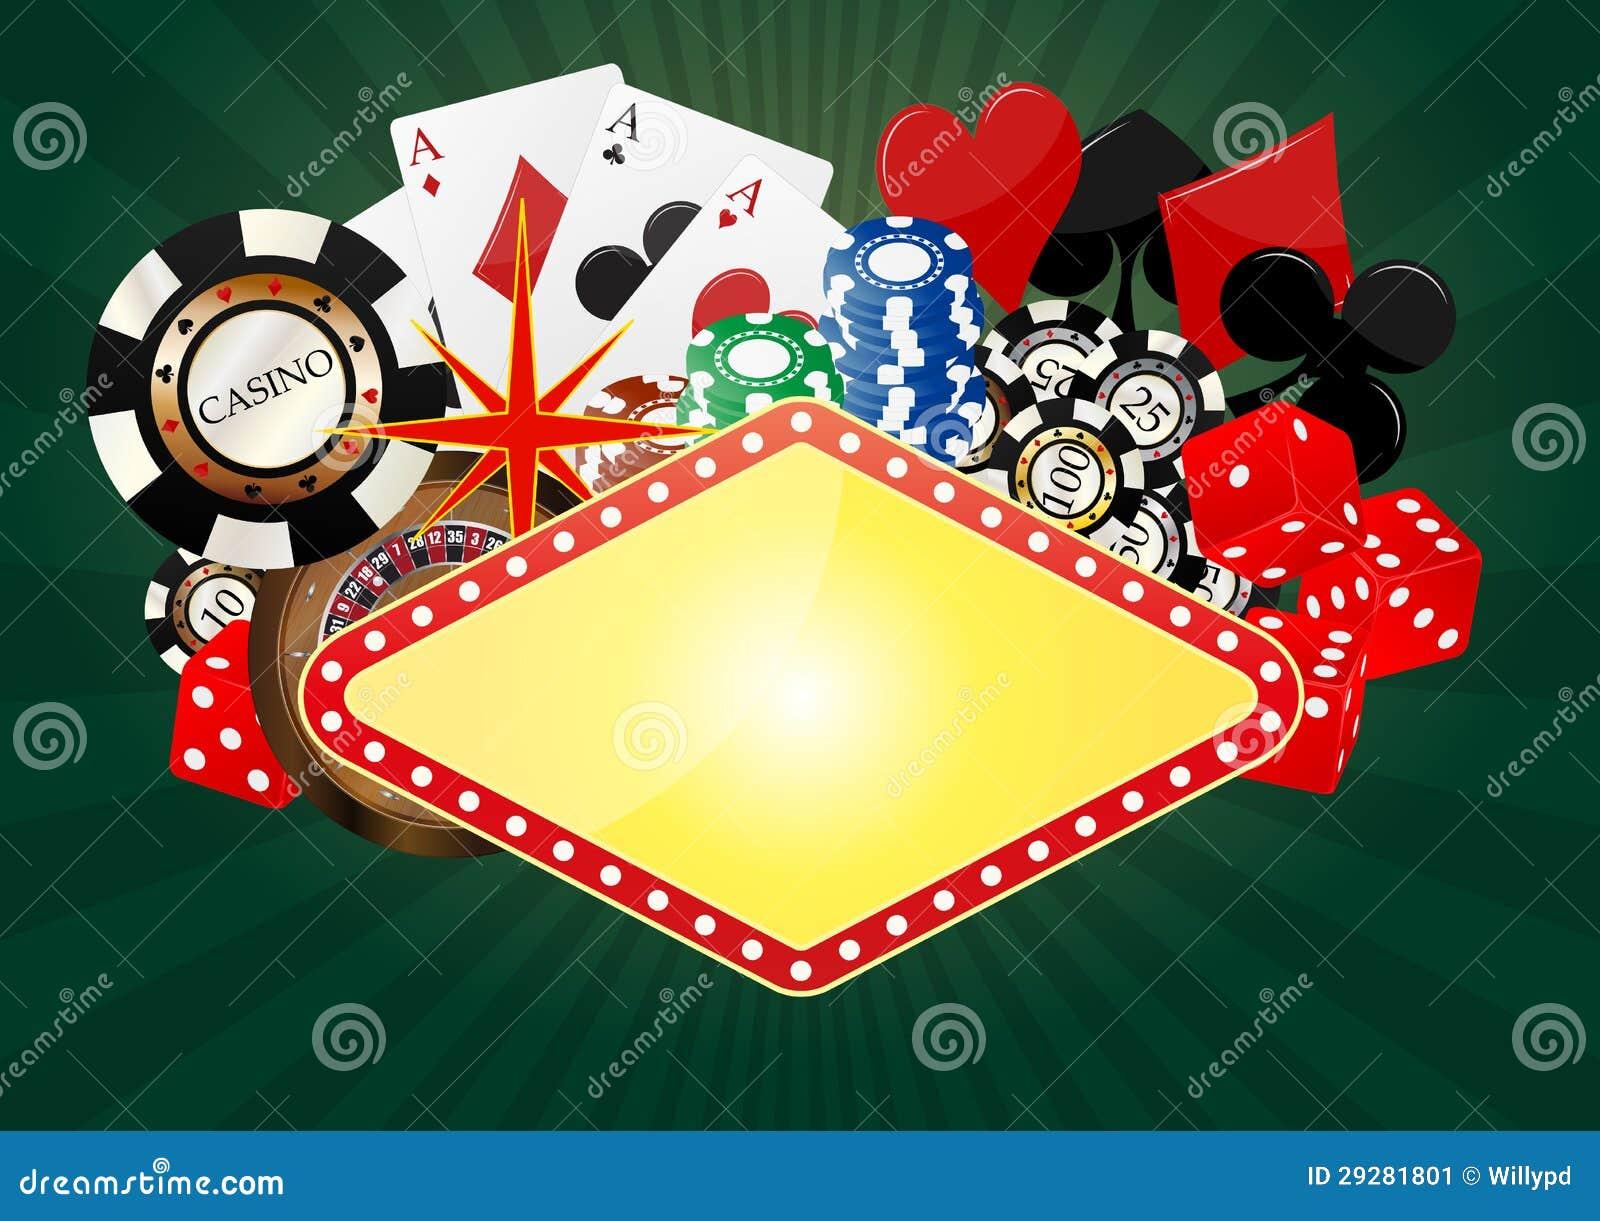 Casino Banner